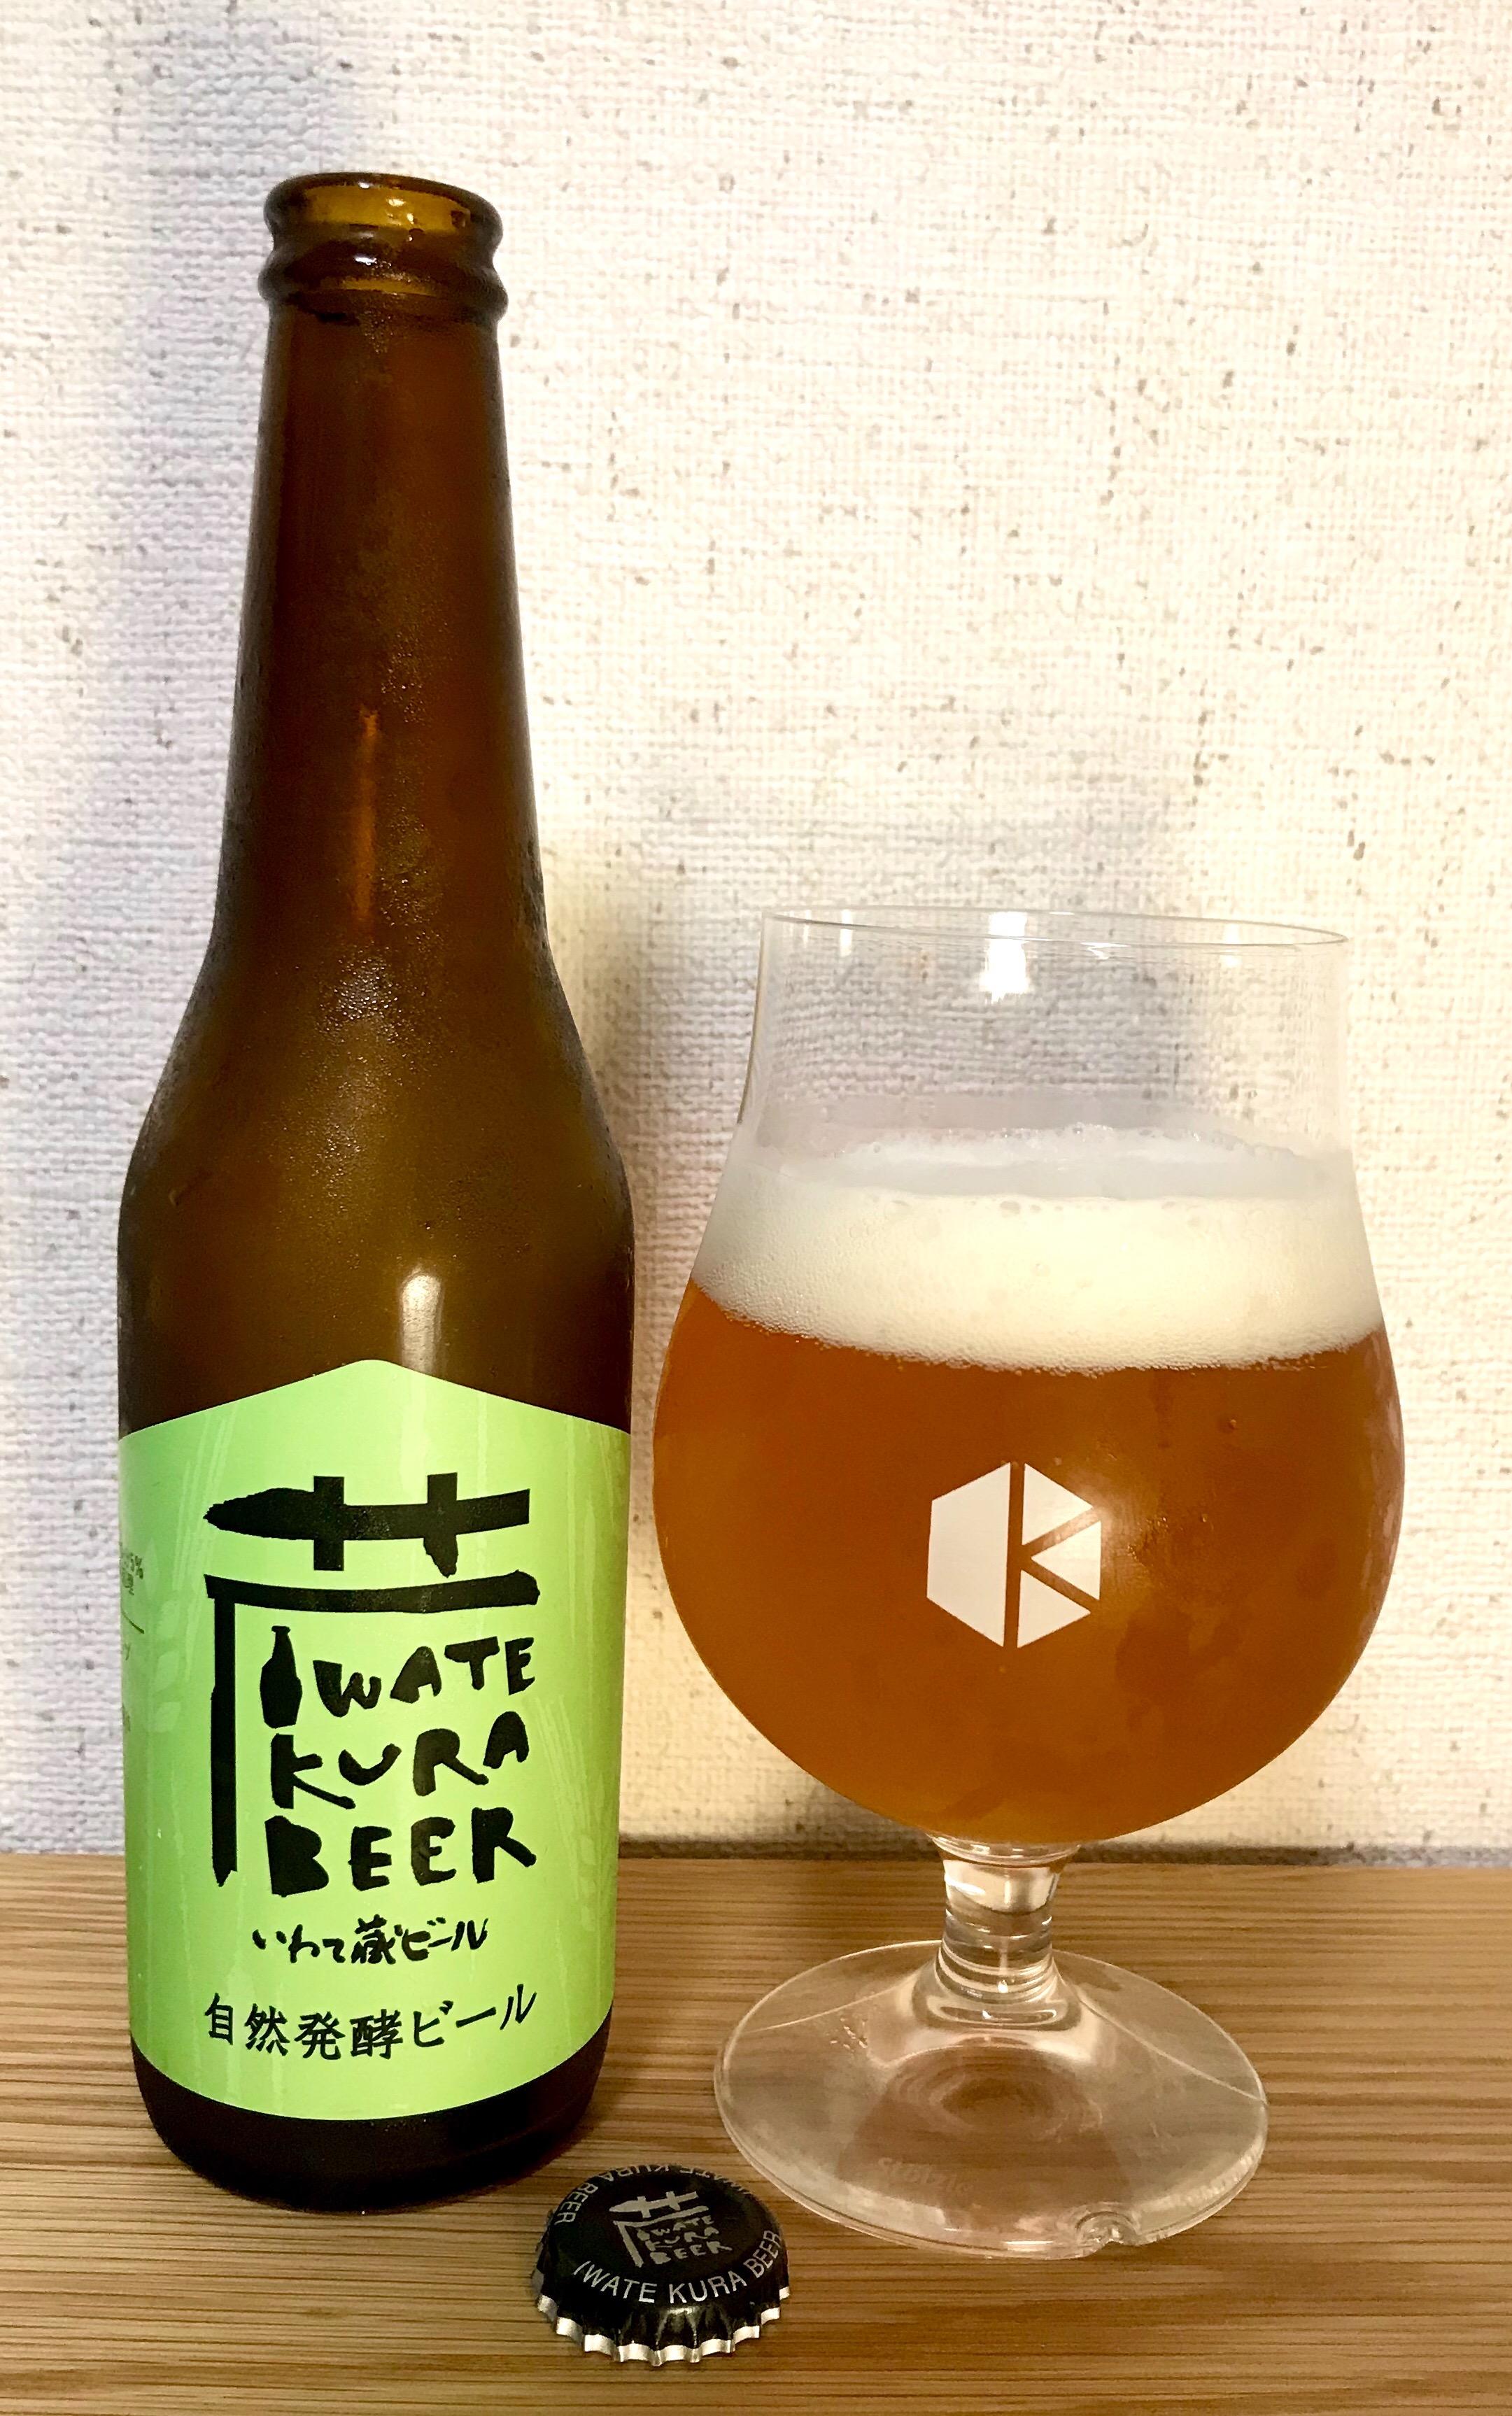 いわて蔵ビール 自然発酵ビール_世嬉の一酒造_岩手_Image